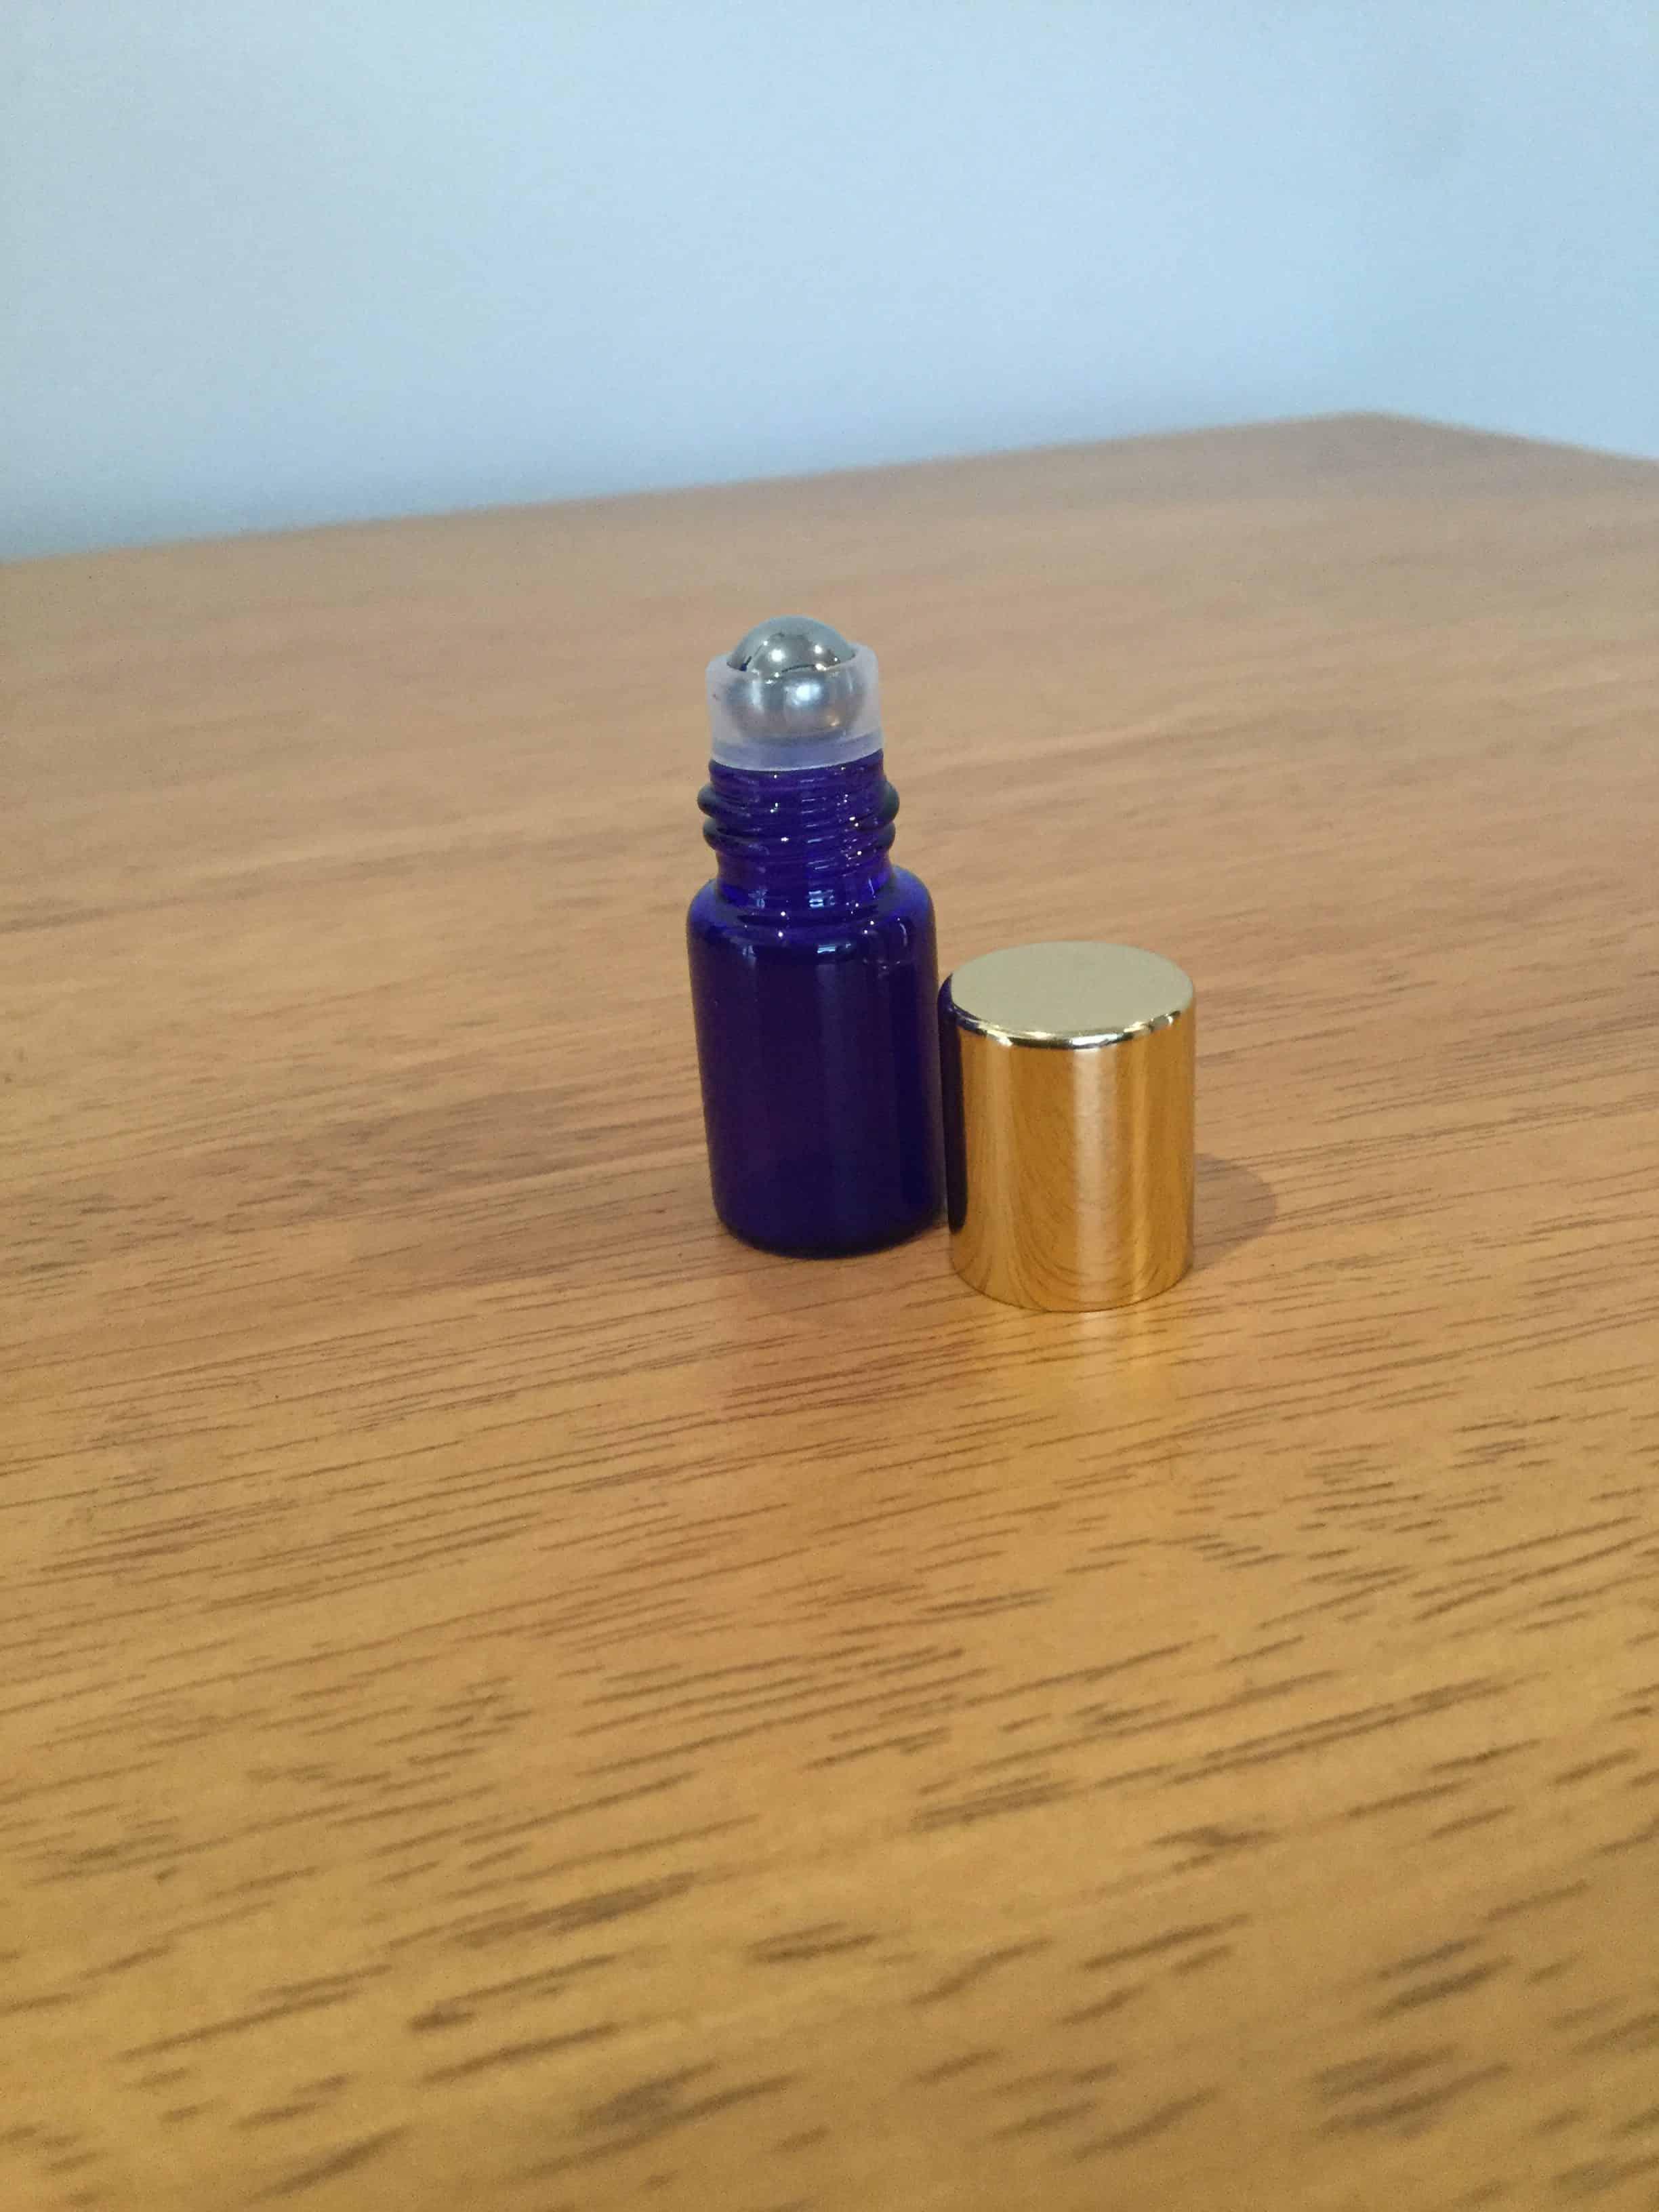 roller bottle 3ml glass blue steel roller gold lid lotus. Black Bedroom Furniture Sets. Home Design Ideas